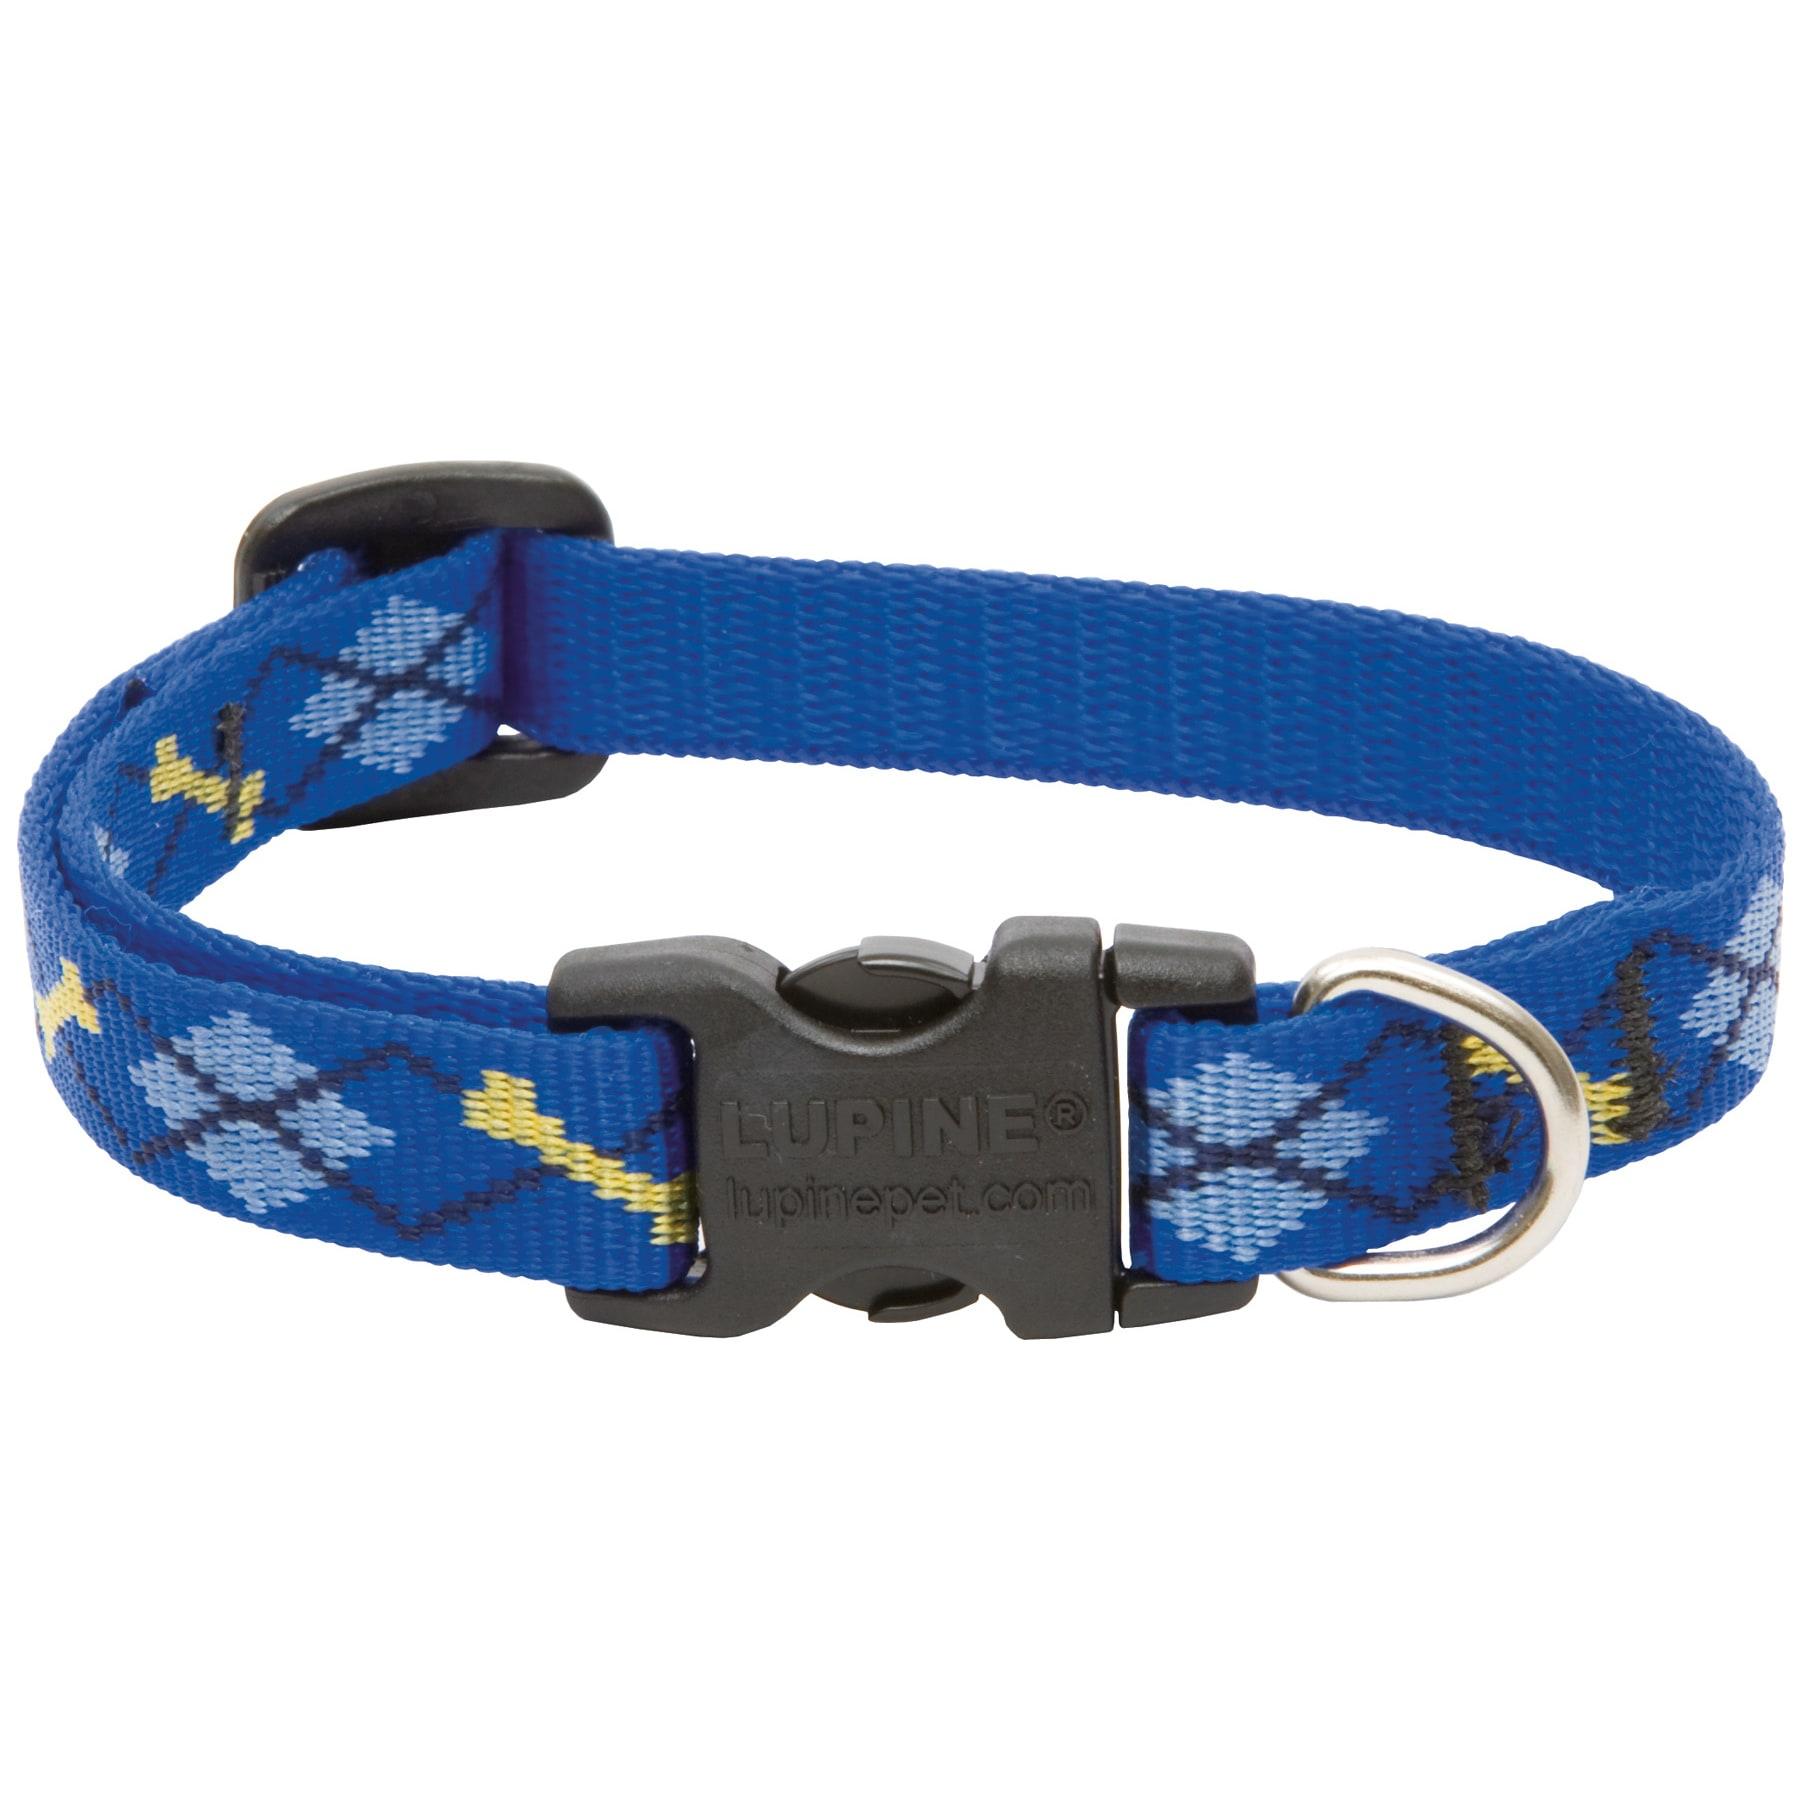 LUPINE Collars & Leads Adjustable Dapper Dog Design Dog C...